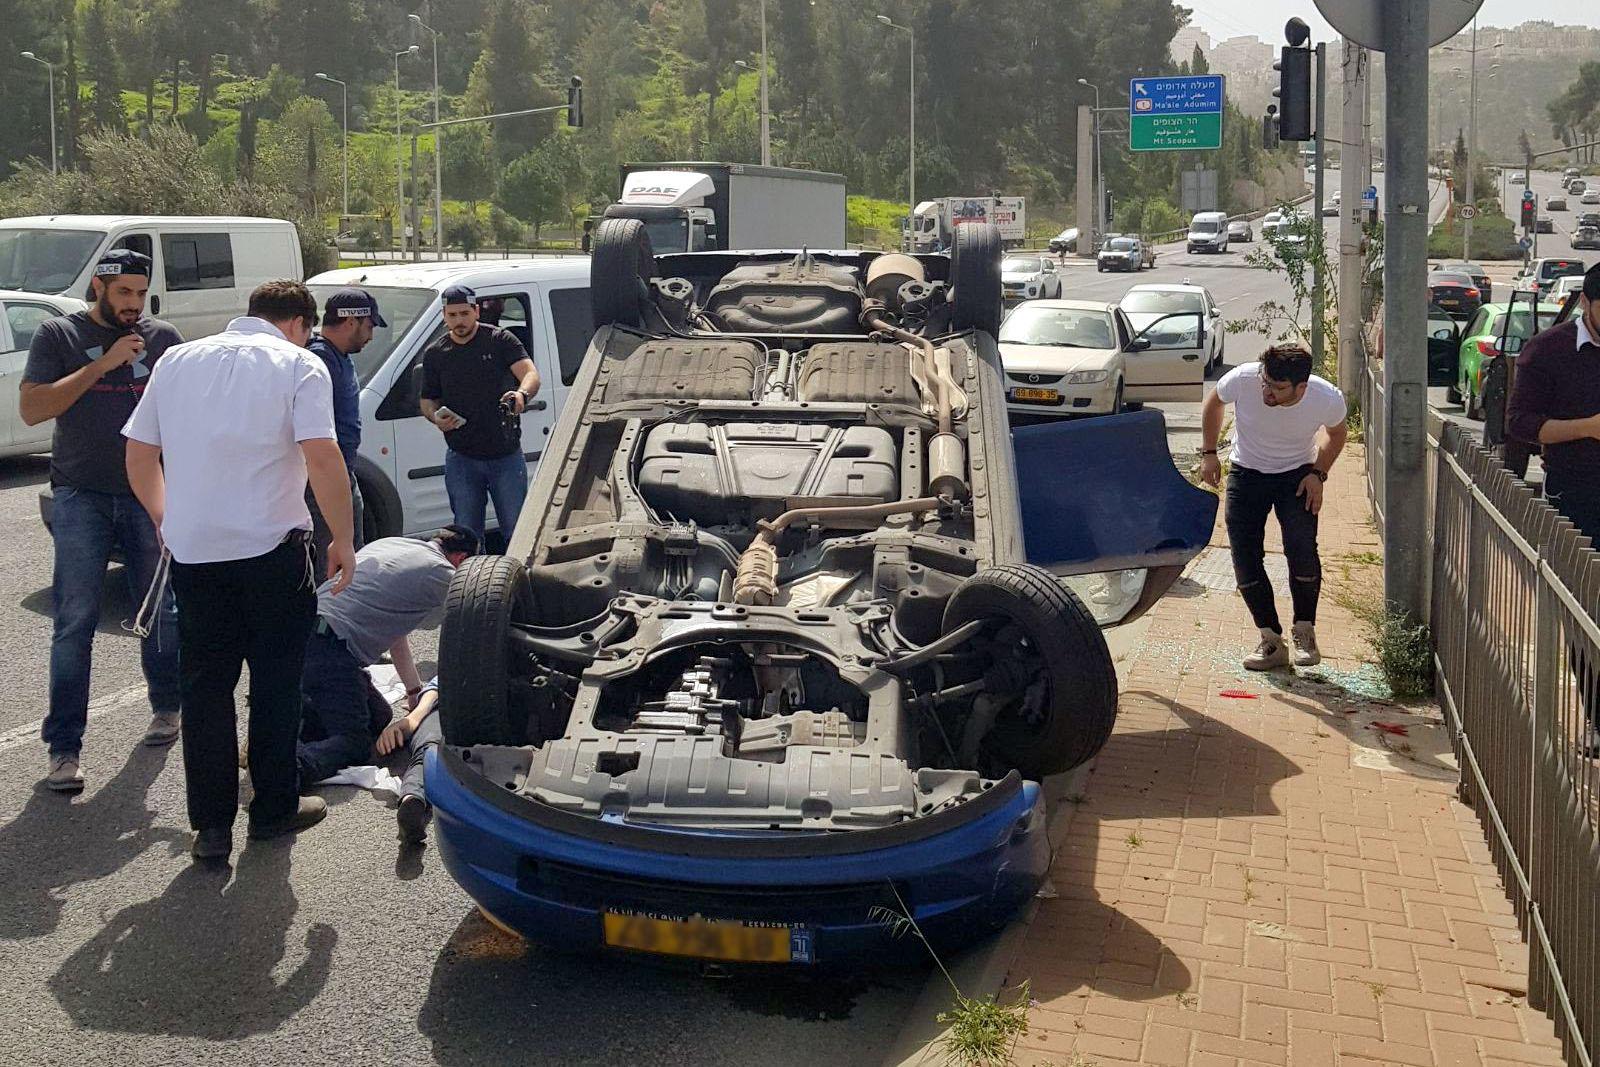 שוב תאונה בצומת המסוכן: נהגת התהפכה